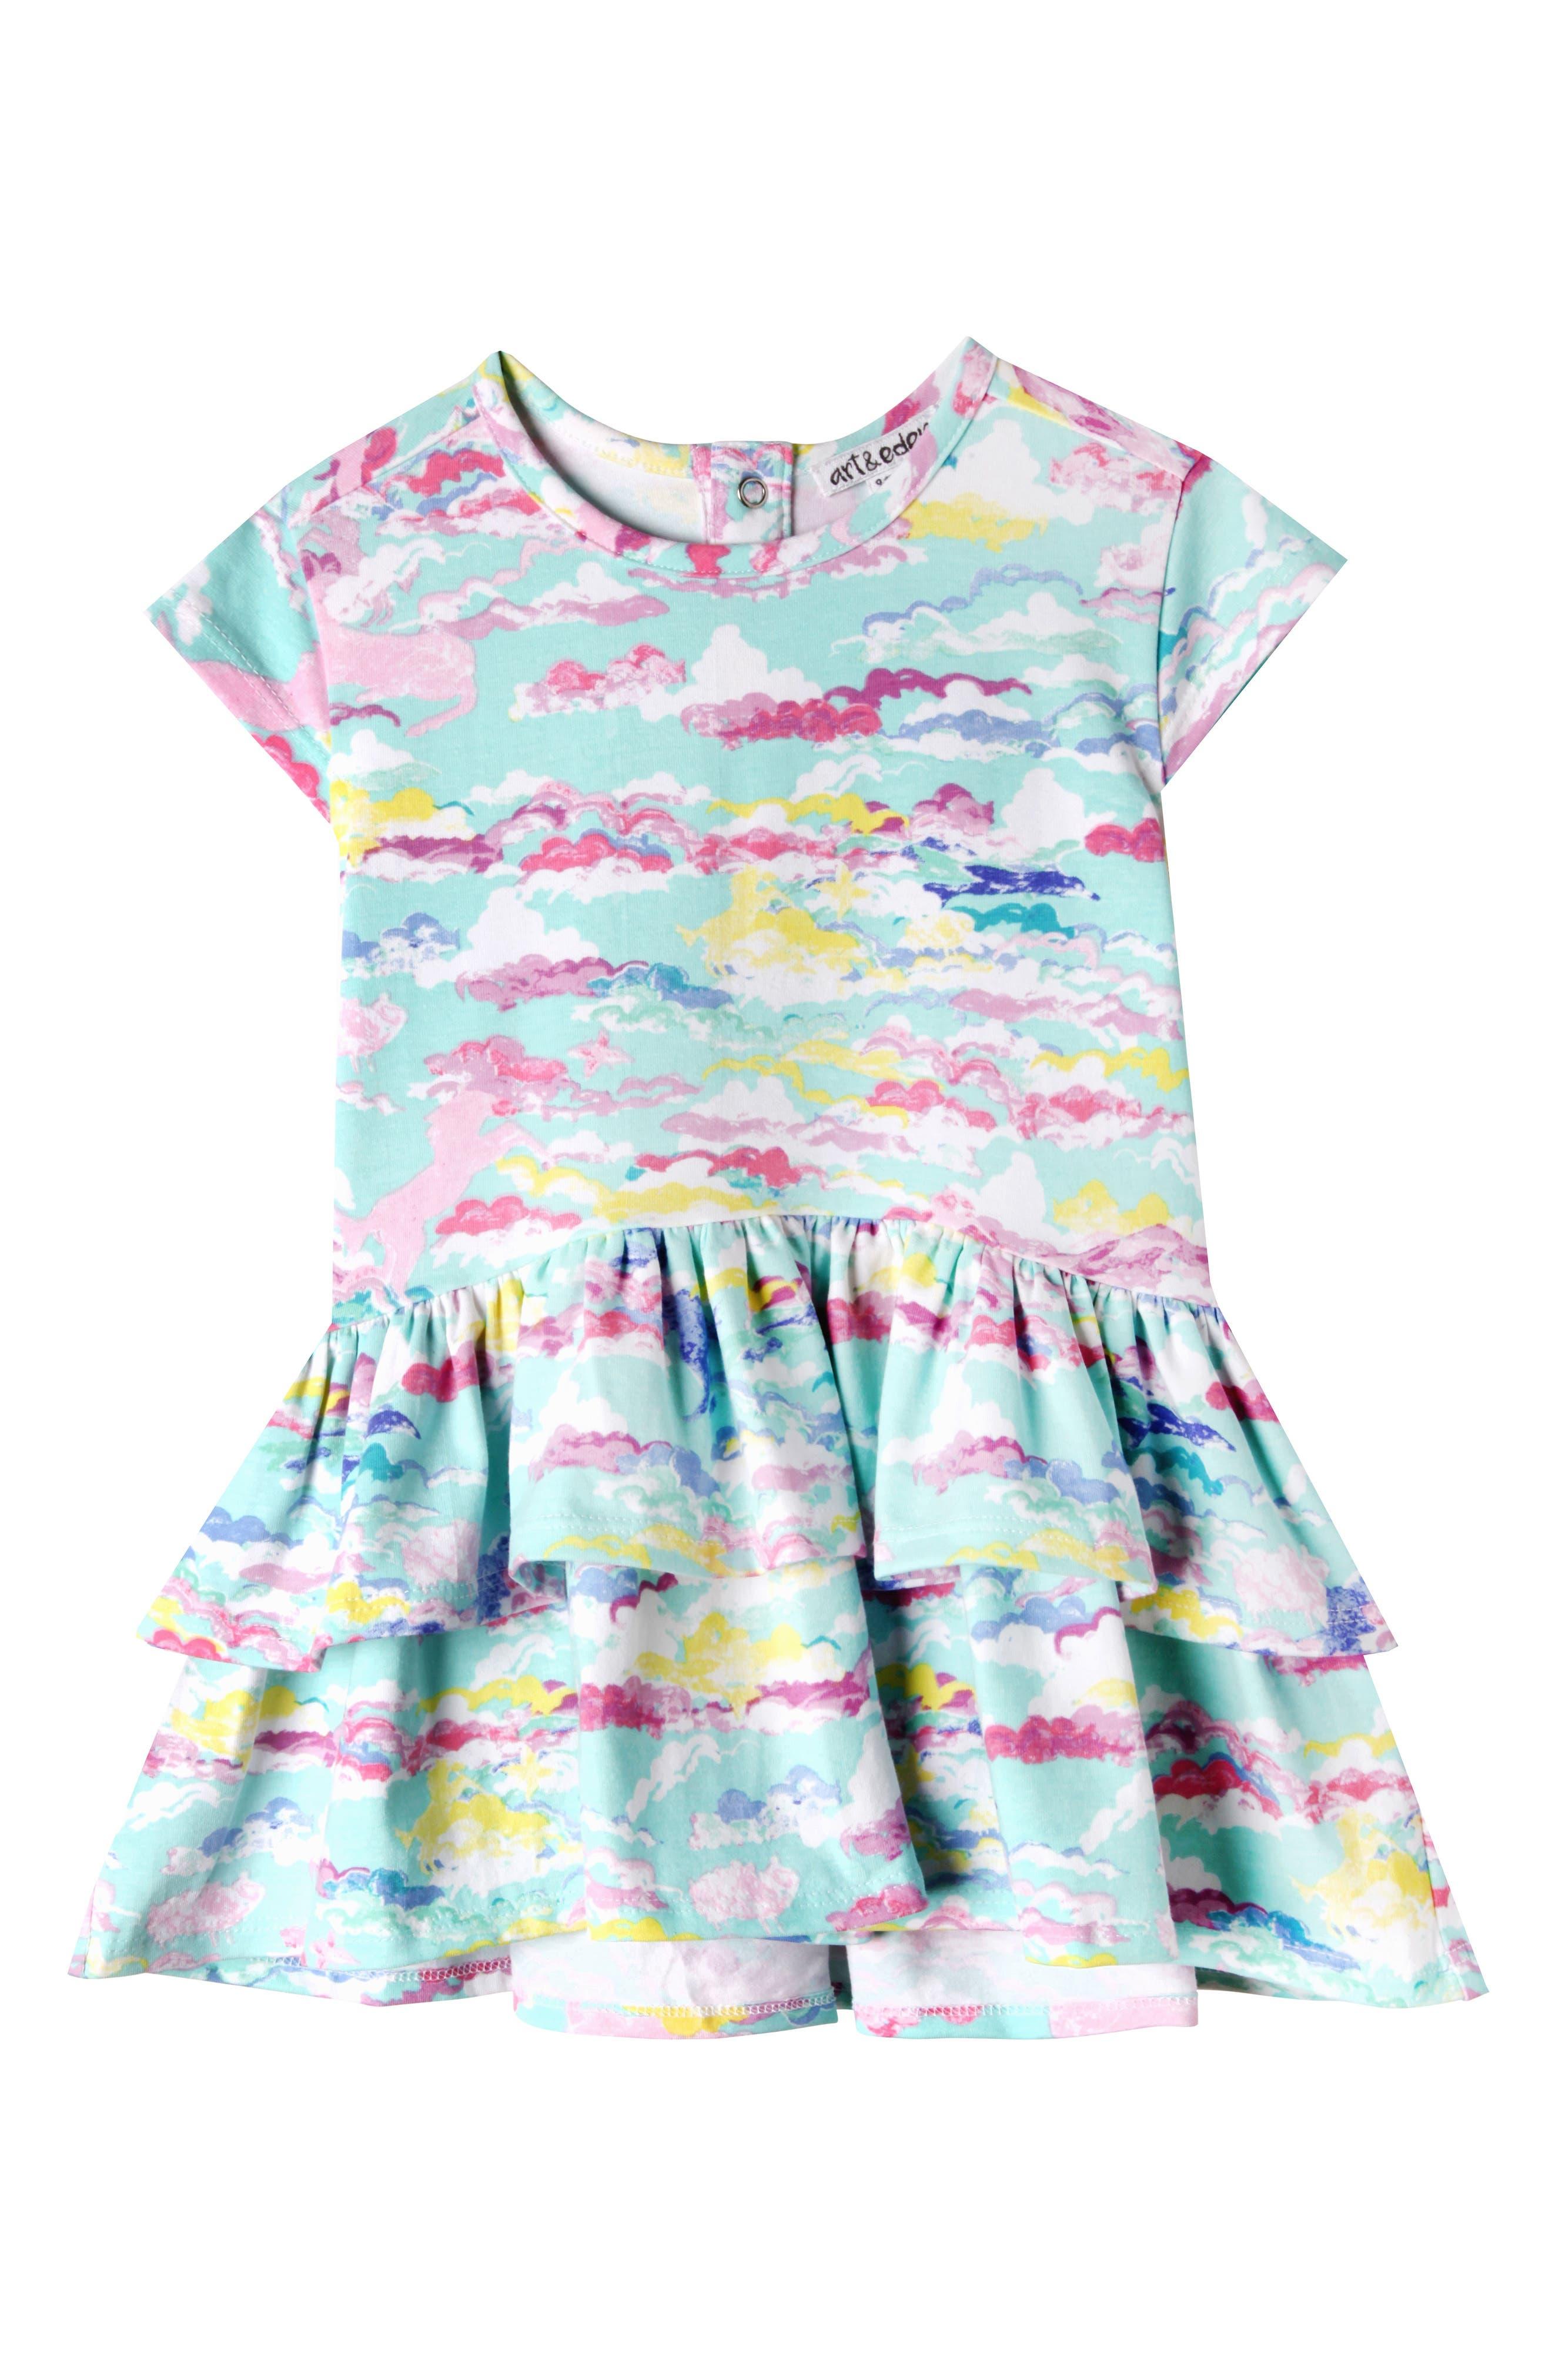 Main Image - Art & Eden Kinsley Day Dreamer Dress (Baby Girls)